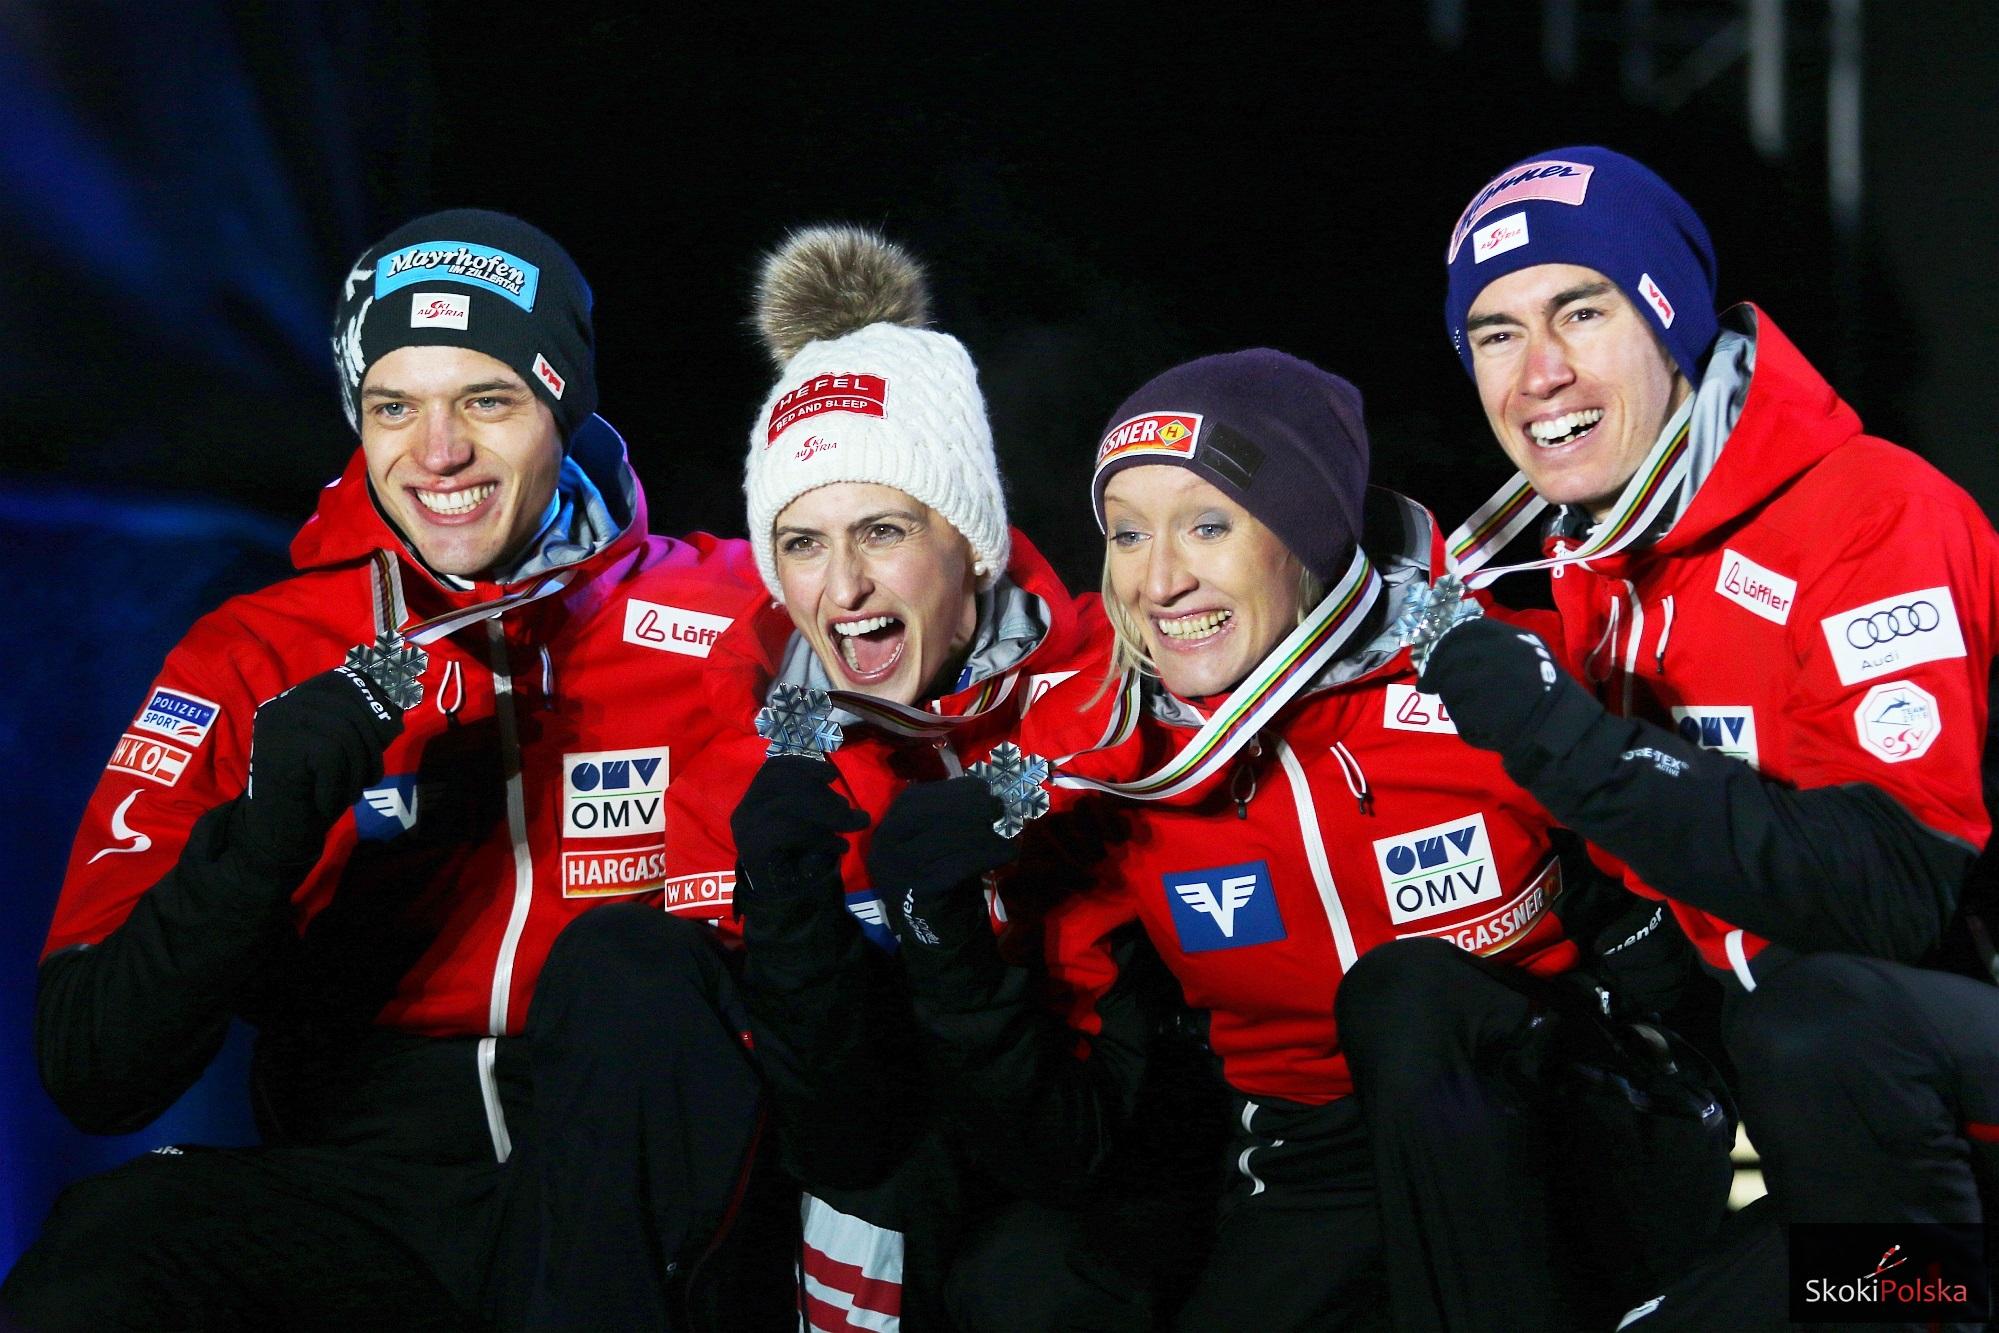 Austriacy podali składy na mistrzostwa świata w Oberstdorfie. Czy przełamią pecha?